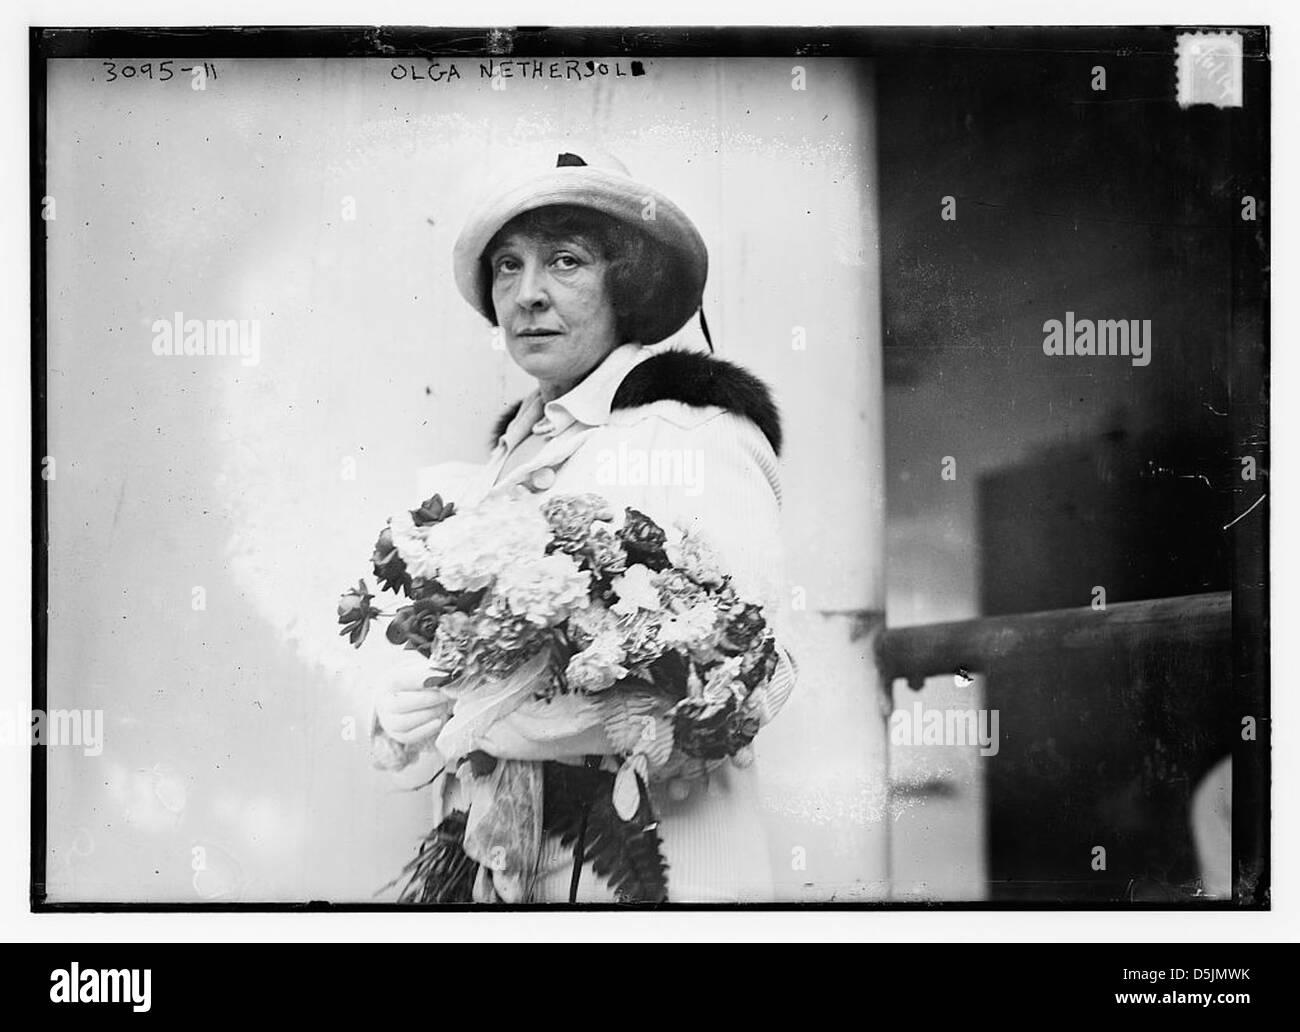 Olga Nethersole (LOC) - Stock Image